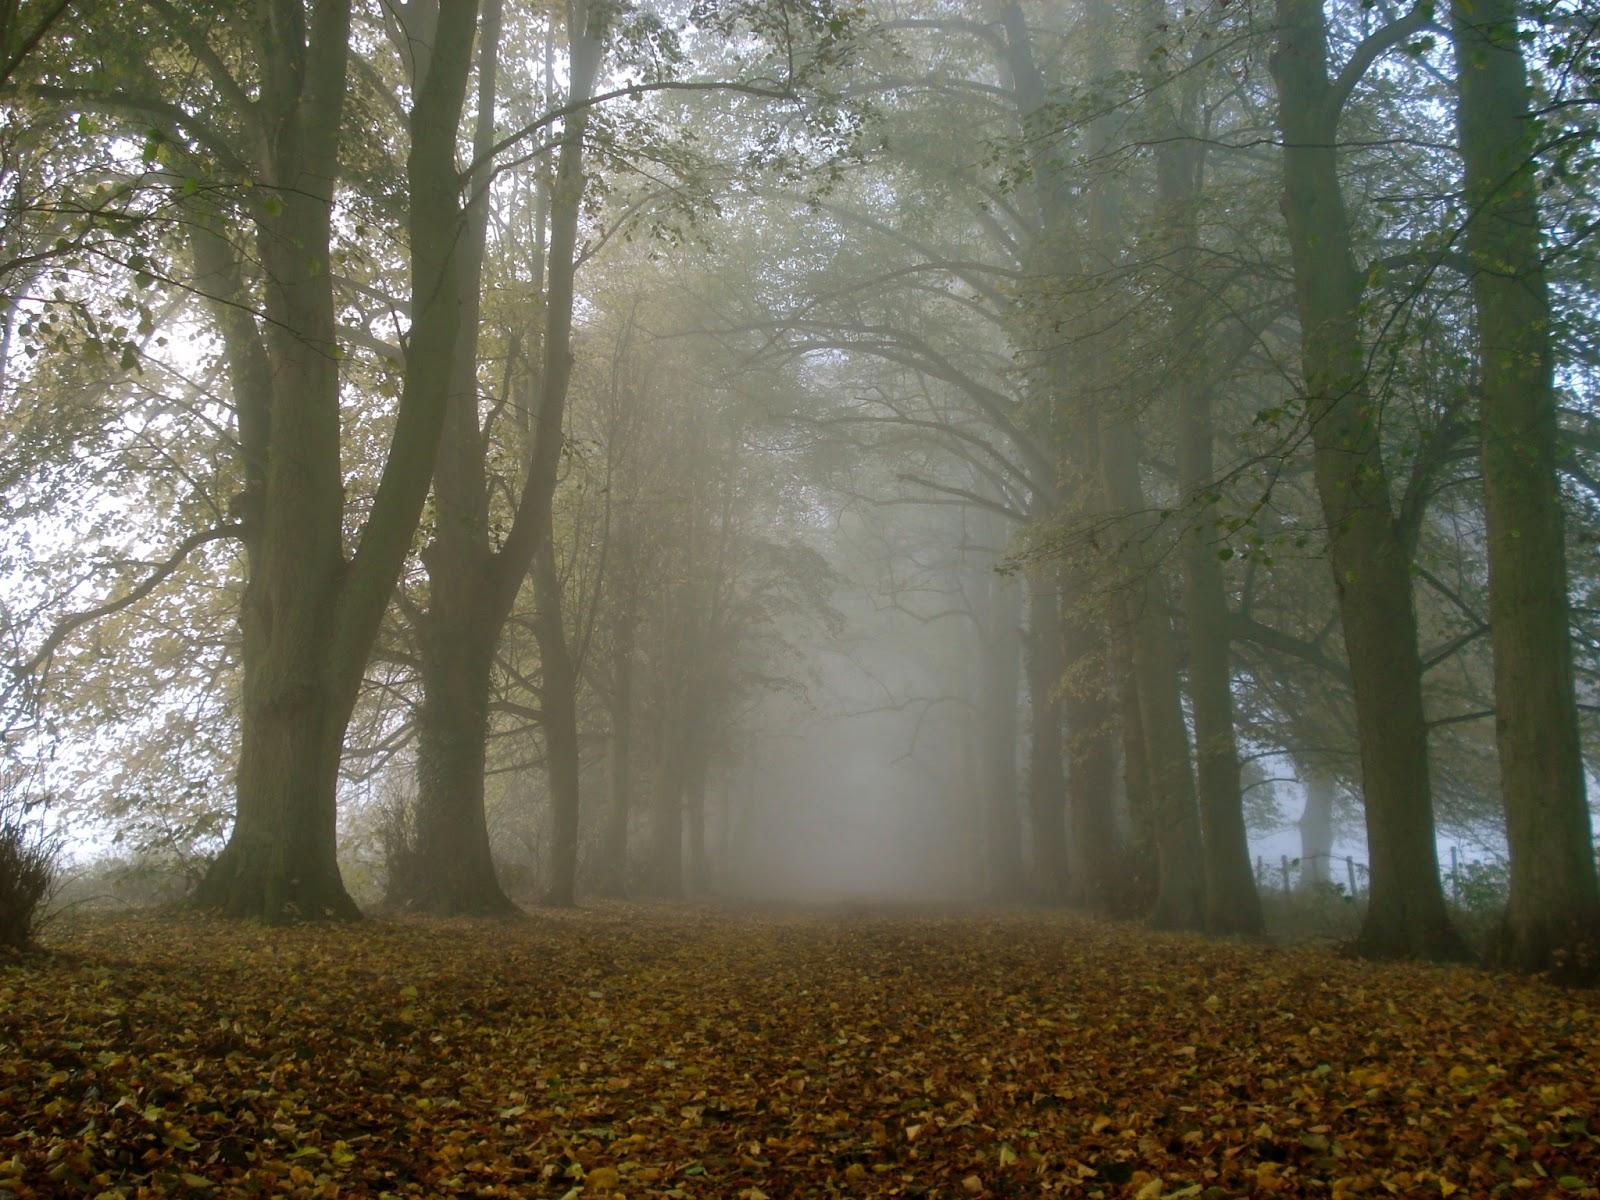 Rüyada Ağaç Kökü Görmek Ne Demek Anlamımı Öğren